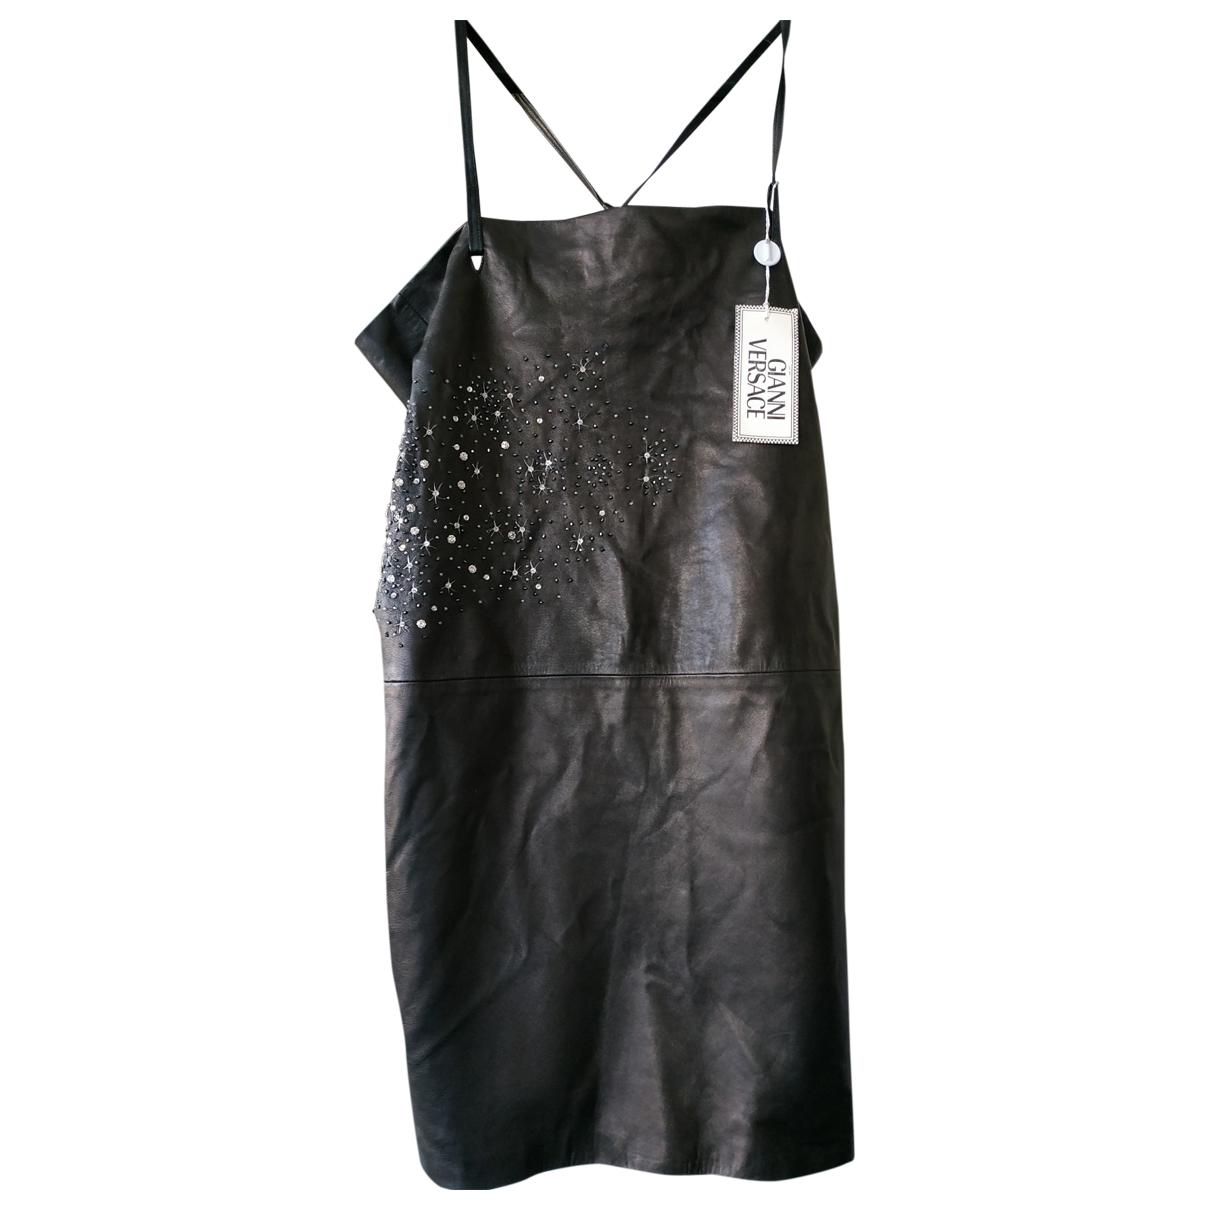 Gianni Versace - Robe   pour femme en cuir - noir